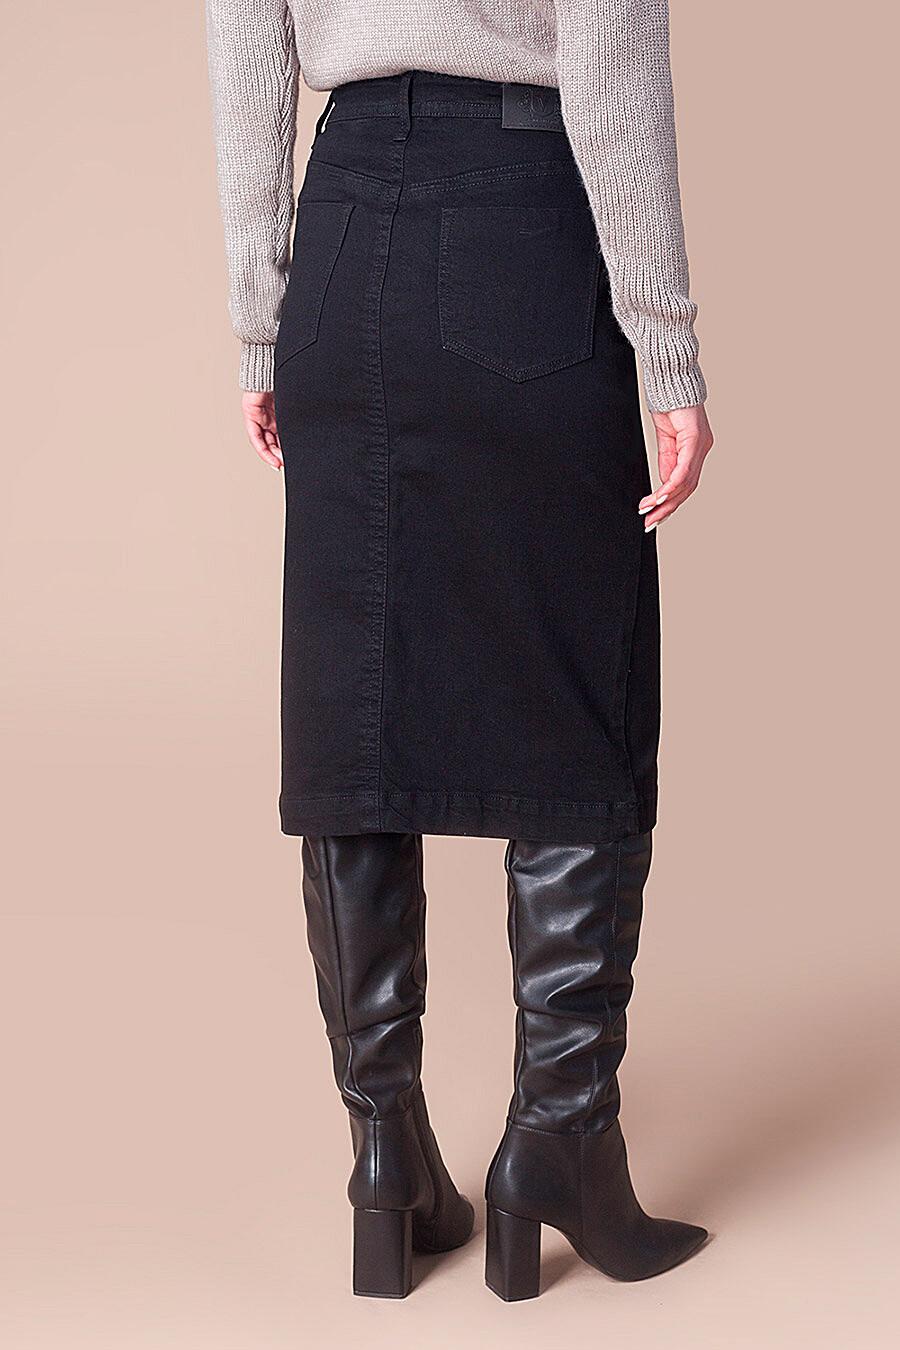 Юбка для женщин VILATTE 707535 купить оптом от производителя. Совместная покупка женской одежды в OptMoyo